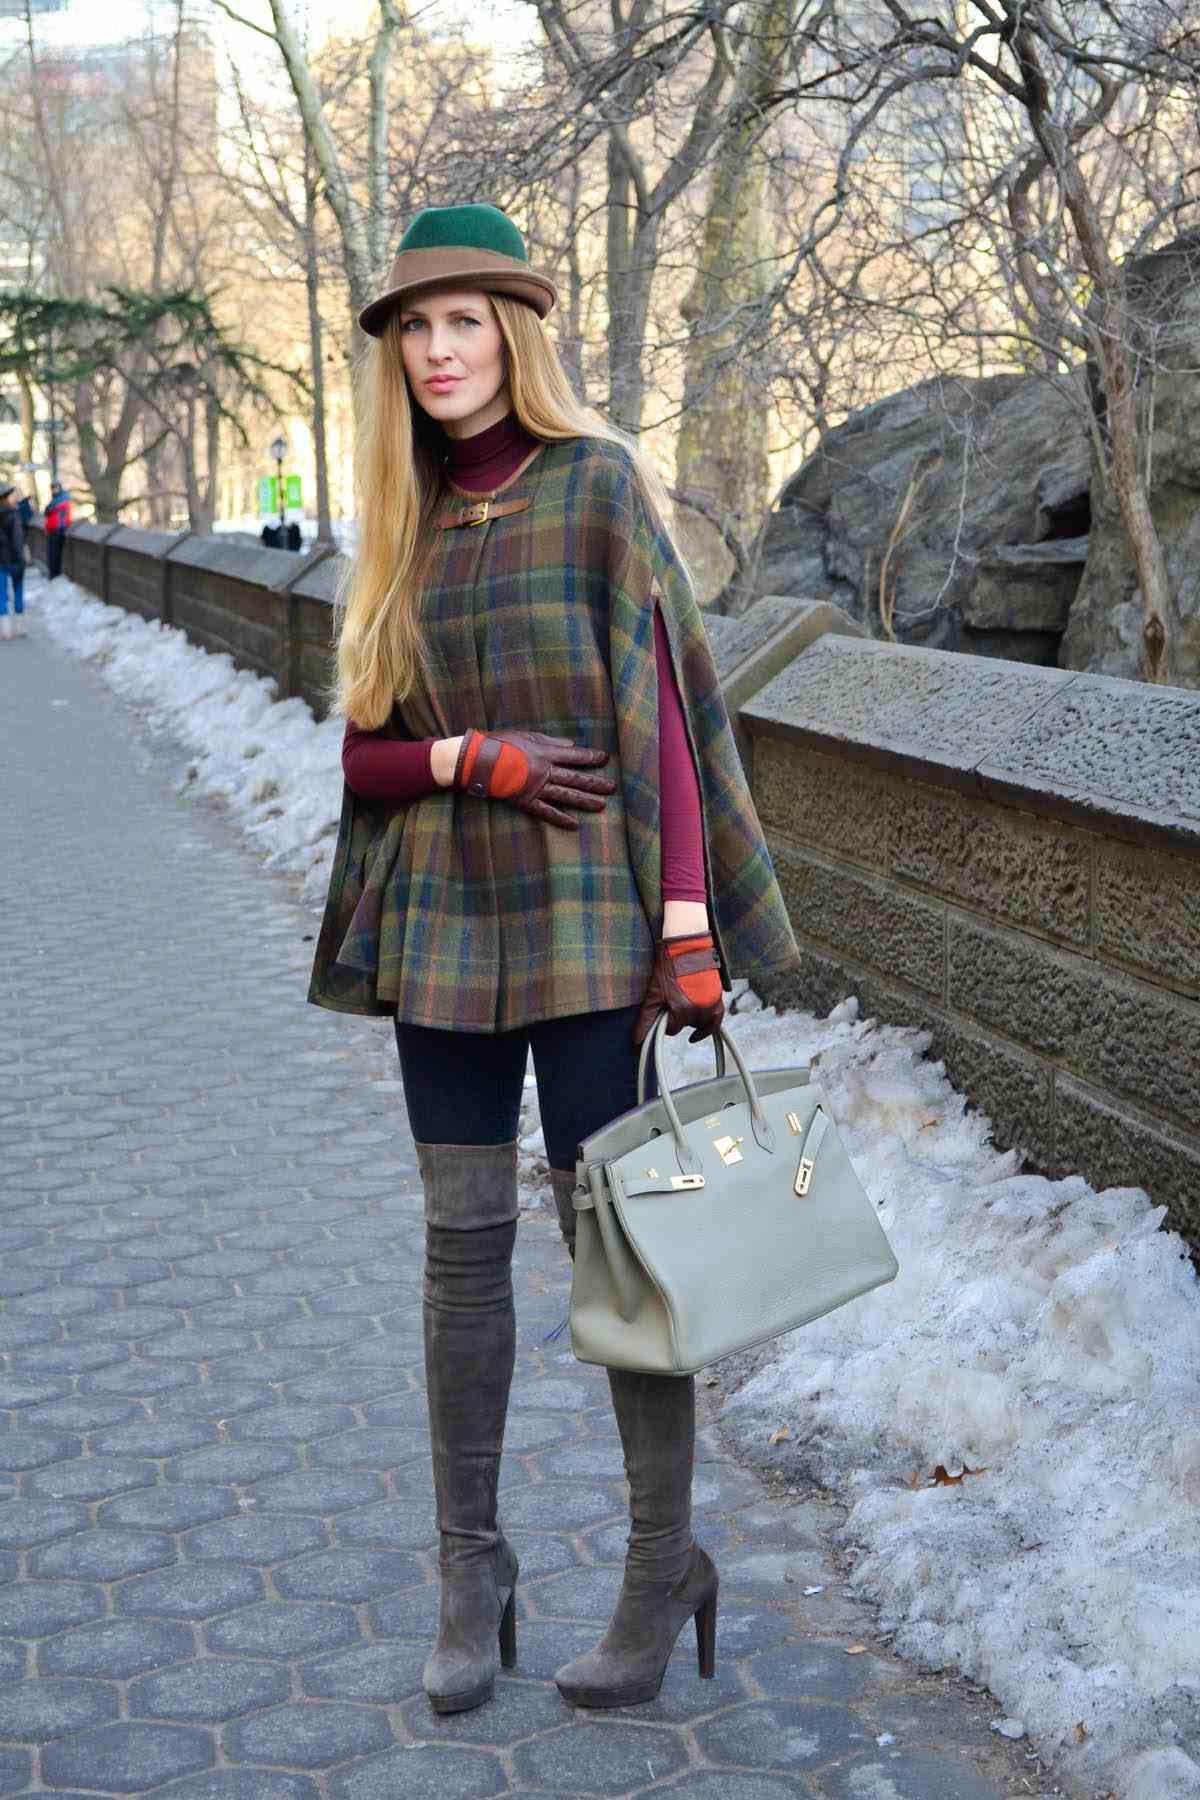 e2c6174840cb2 Kış Kombinleri – Ekose Kışlık Kıyafet Kombinleri | dış giyim | Ekose ...